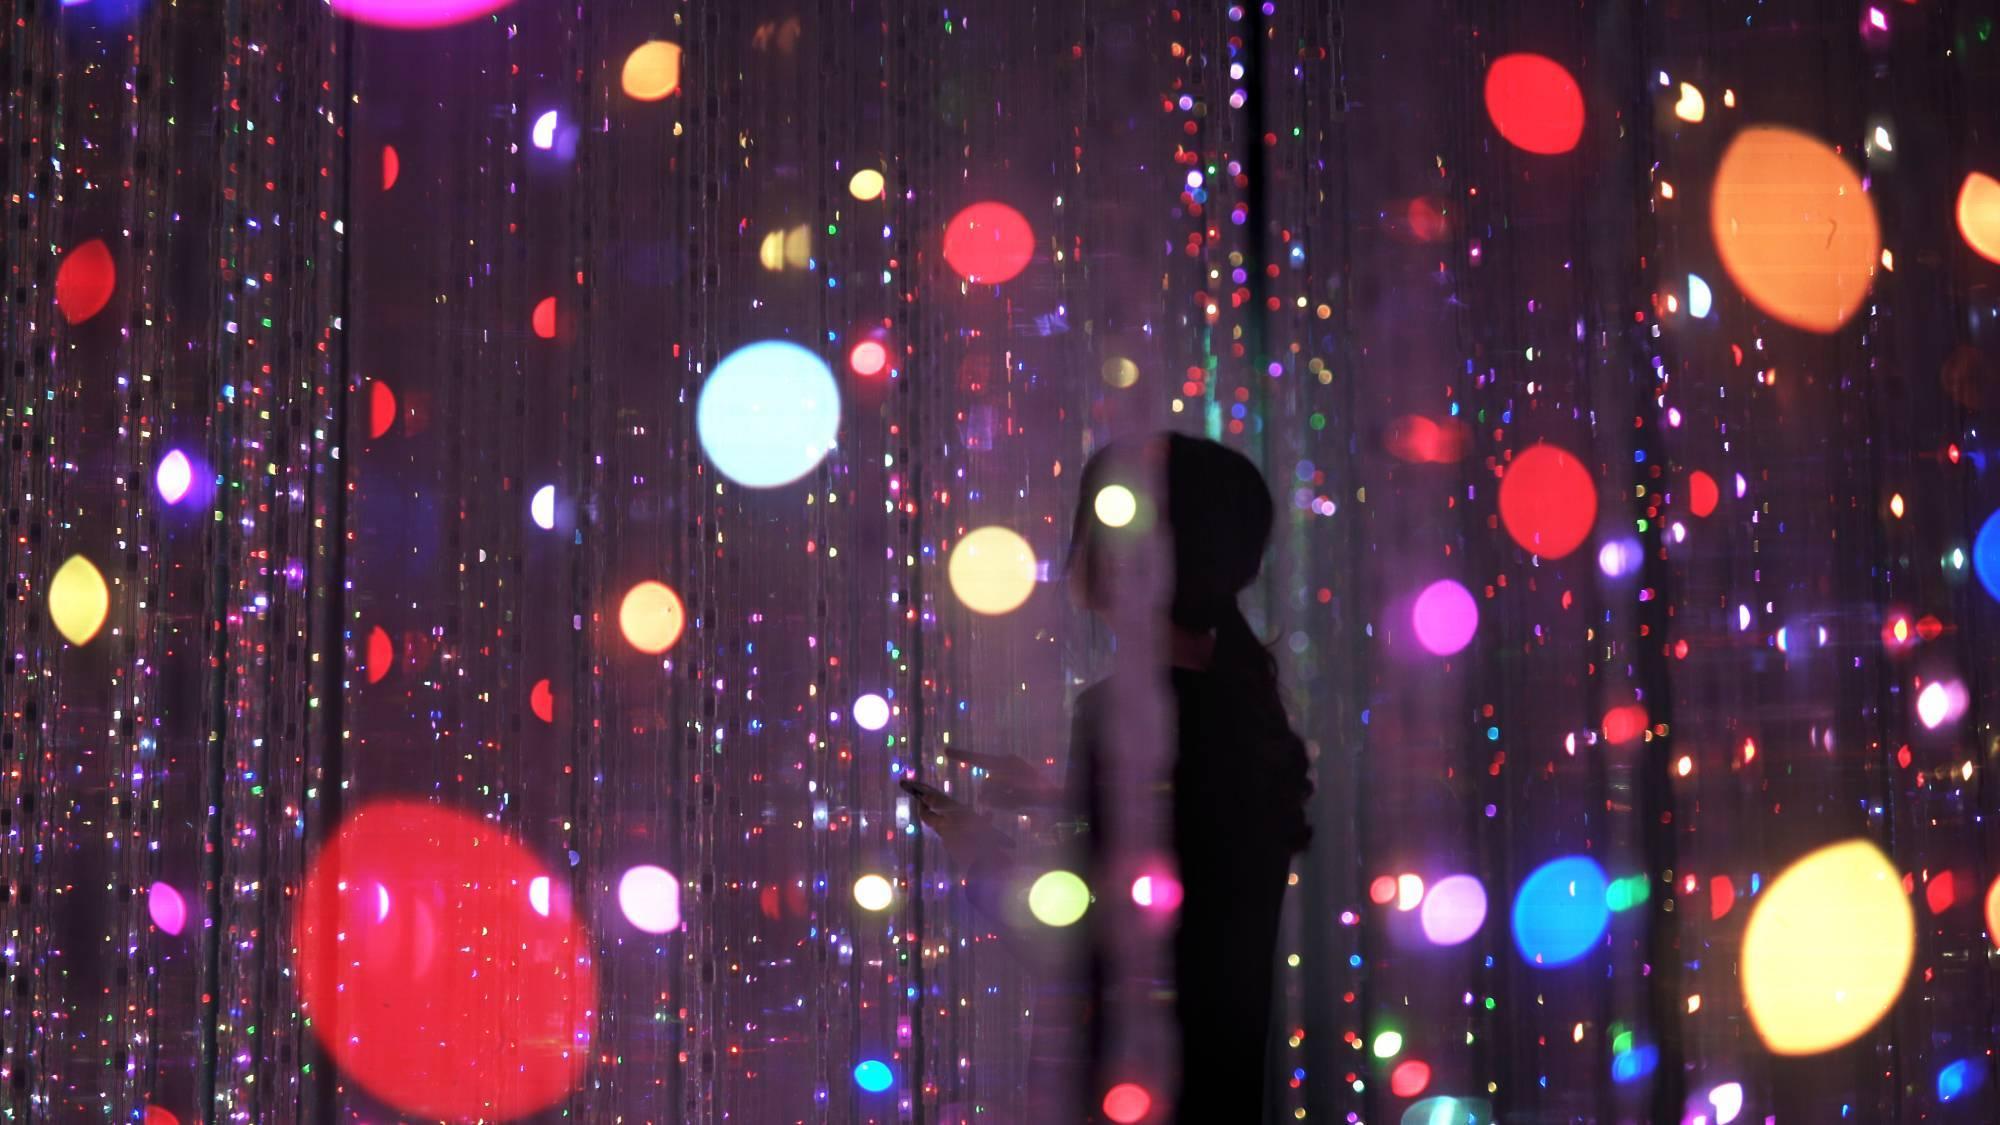 Токио Другая реальность: первый в мире Музей цифровых искусств в Токио 15121